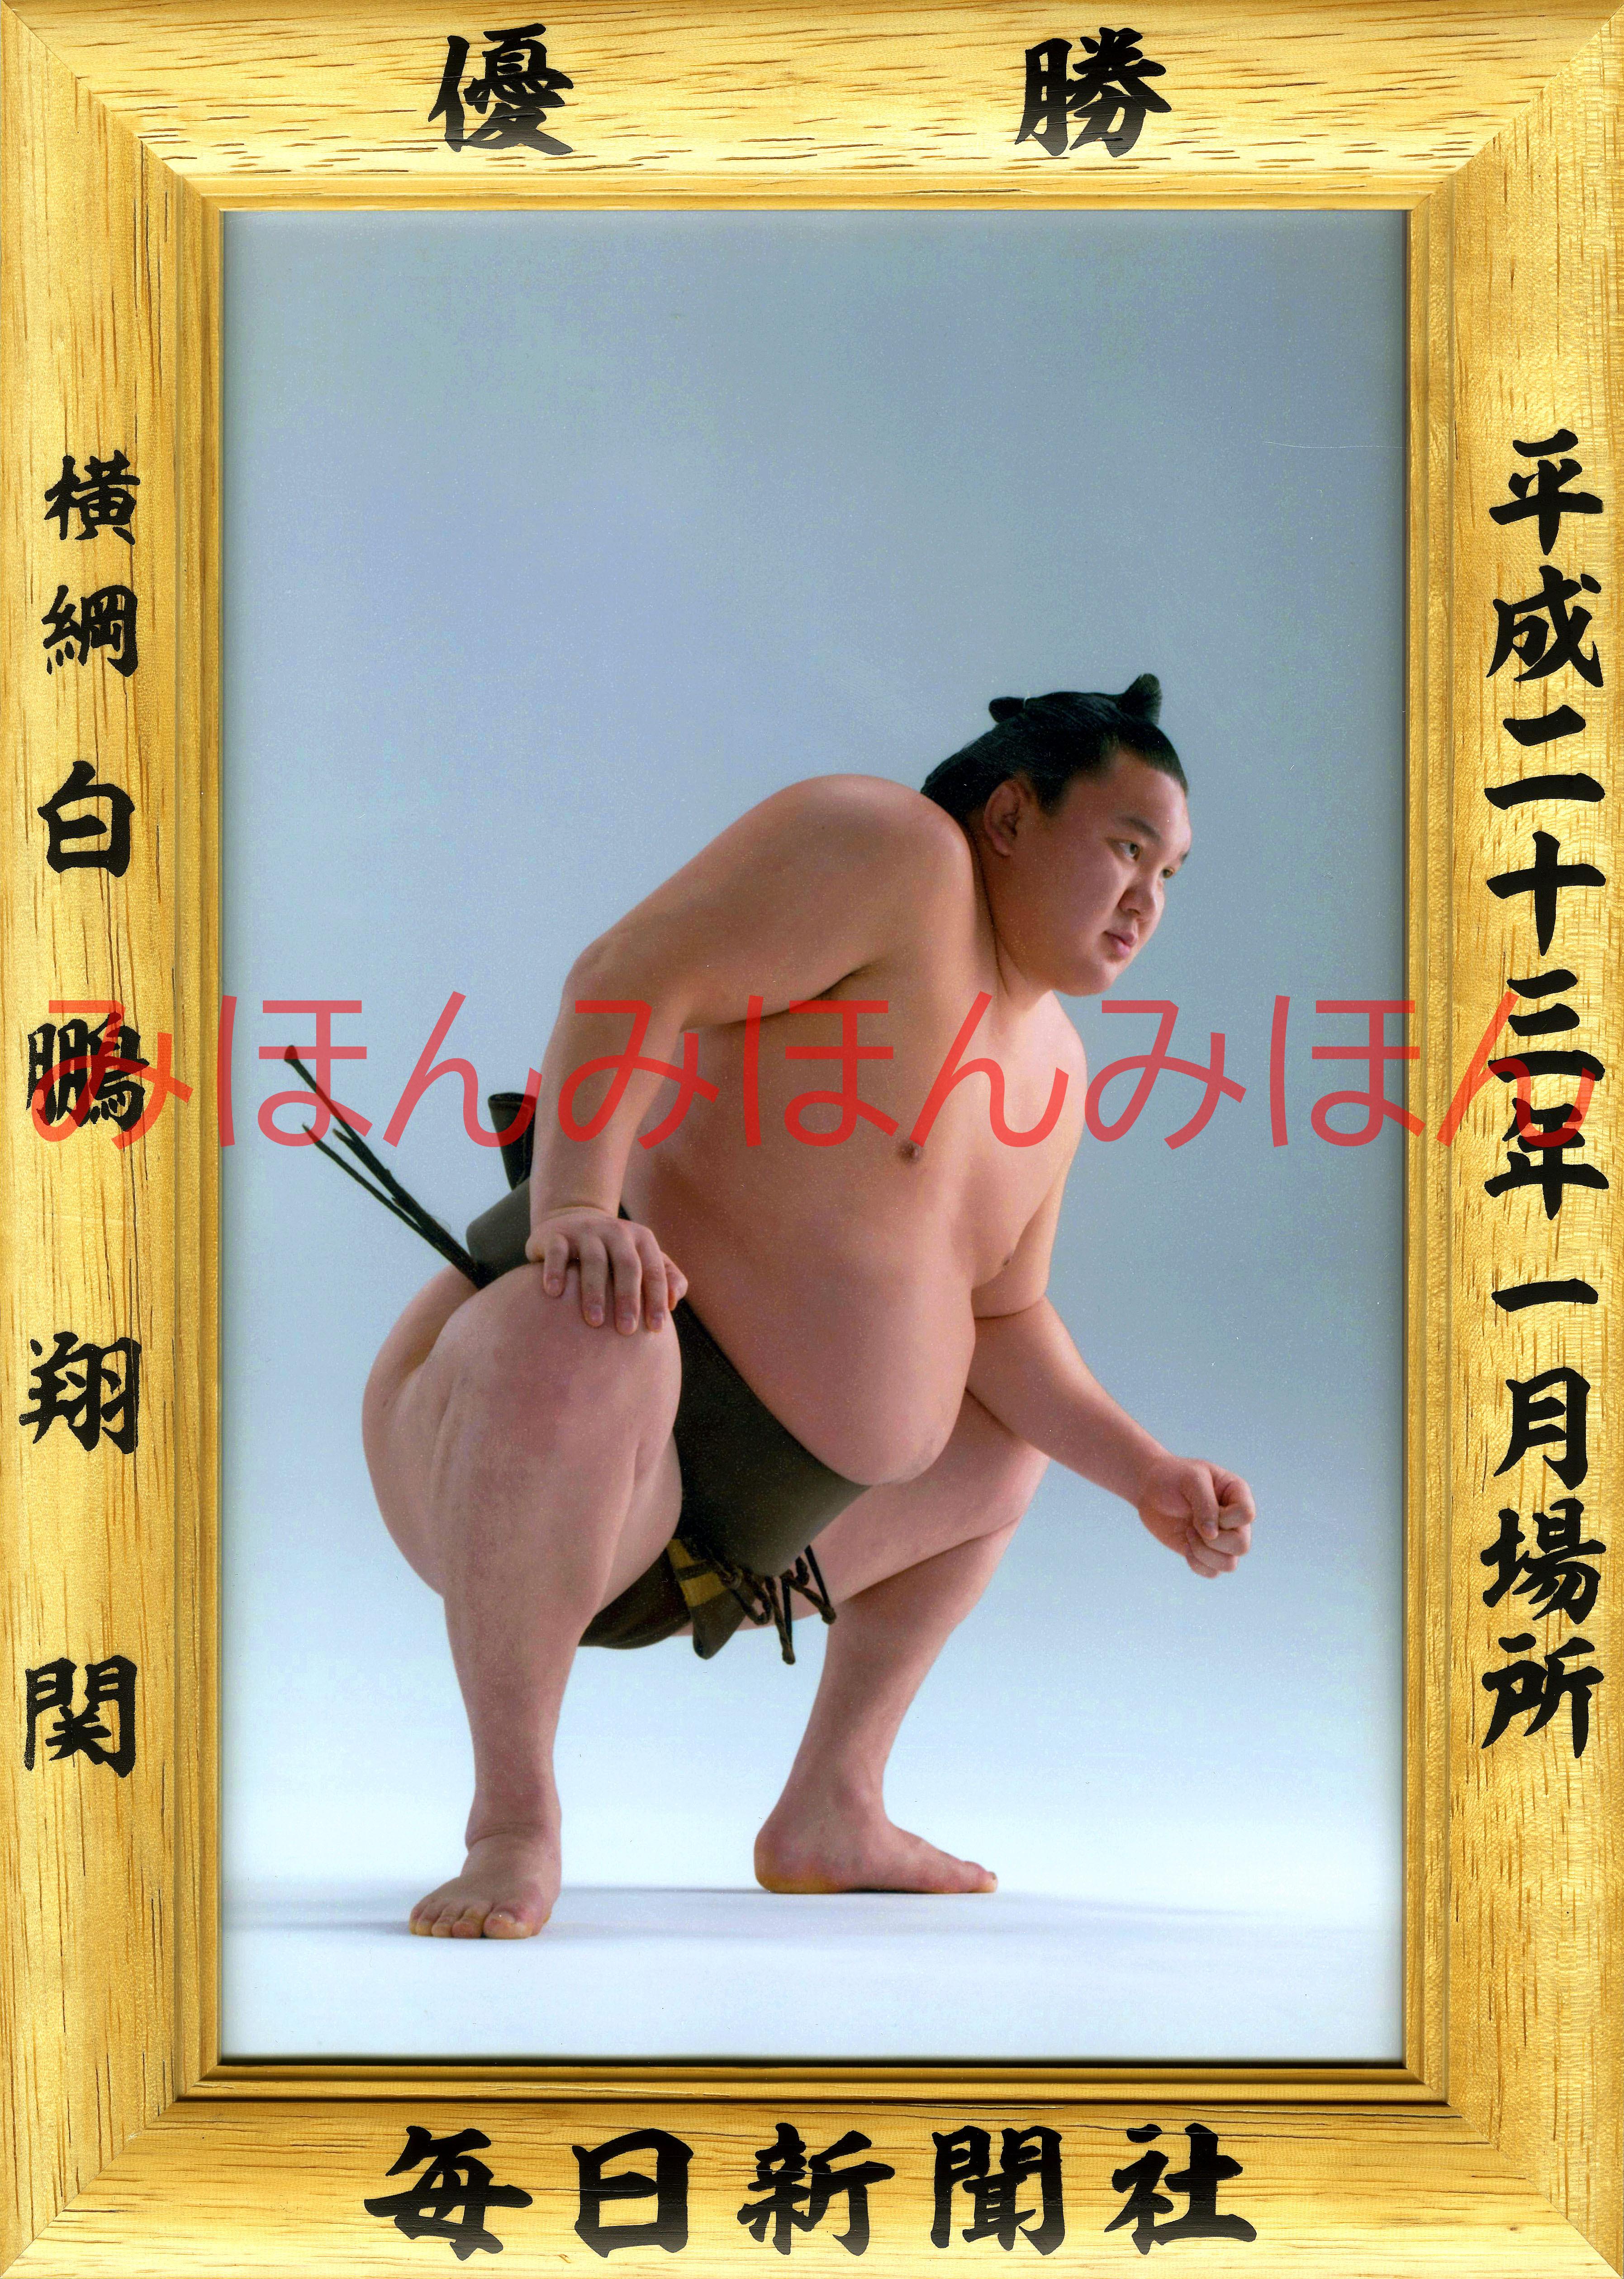 平成23年1月場所優勝 横綱 白鵬翔関(18回目の優勝)